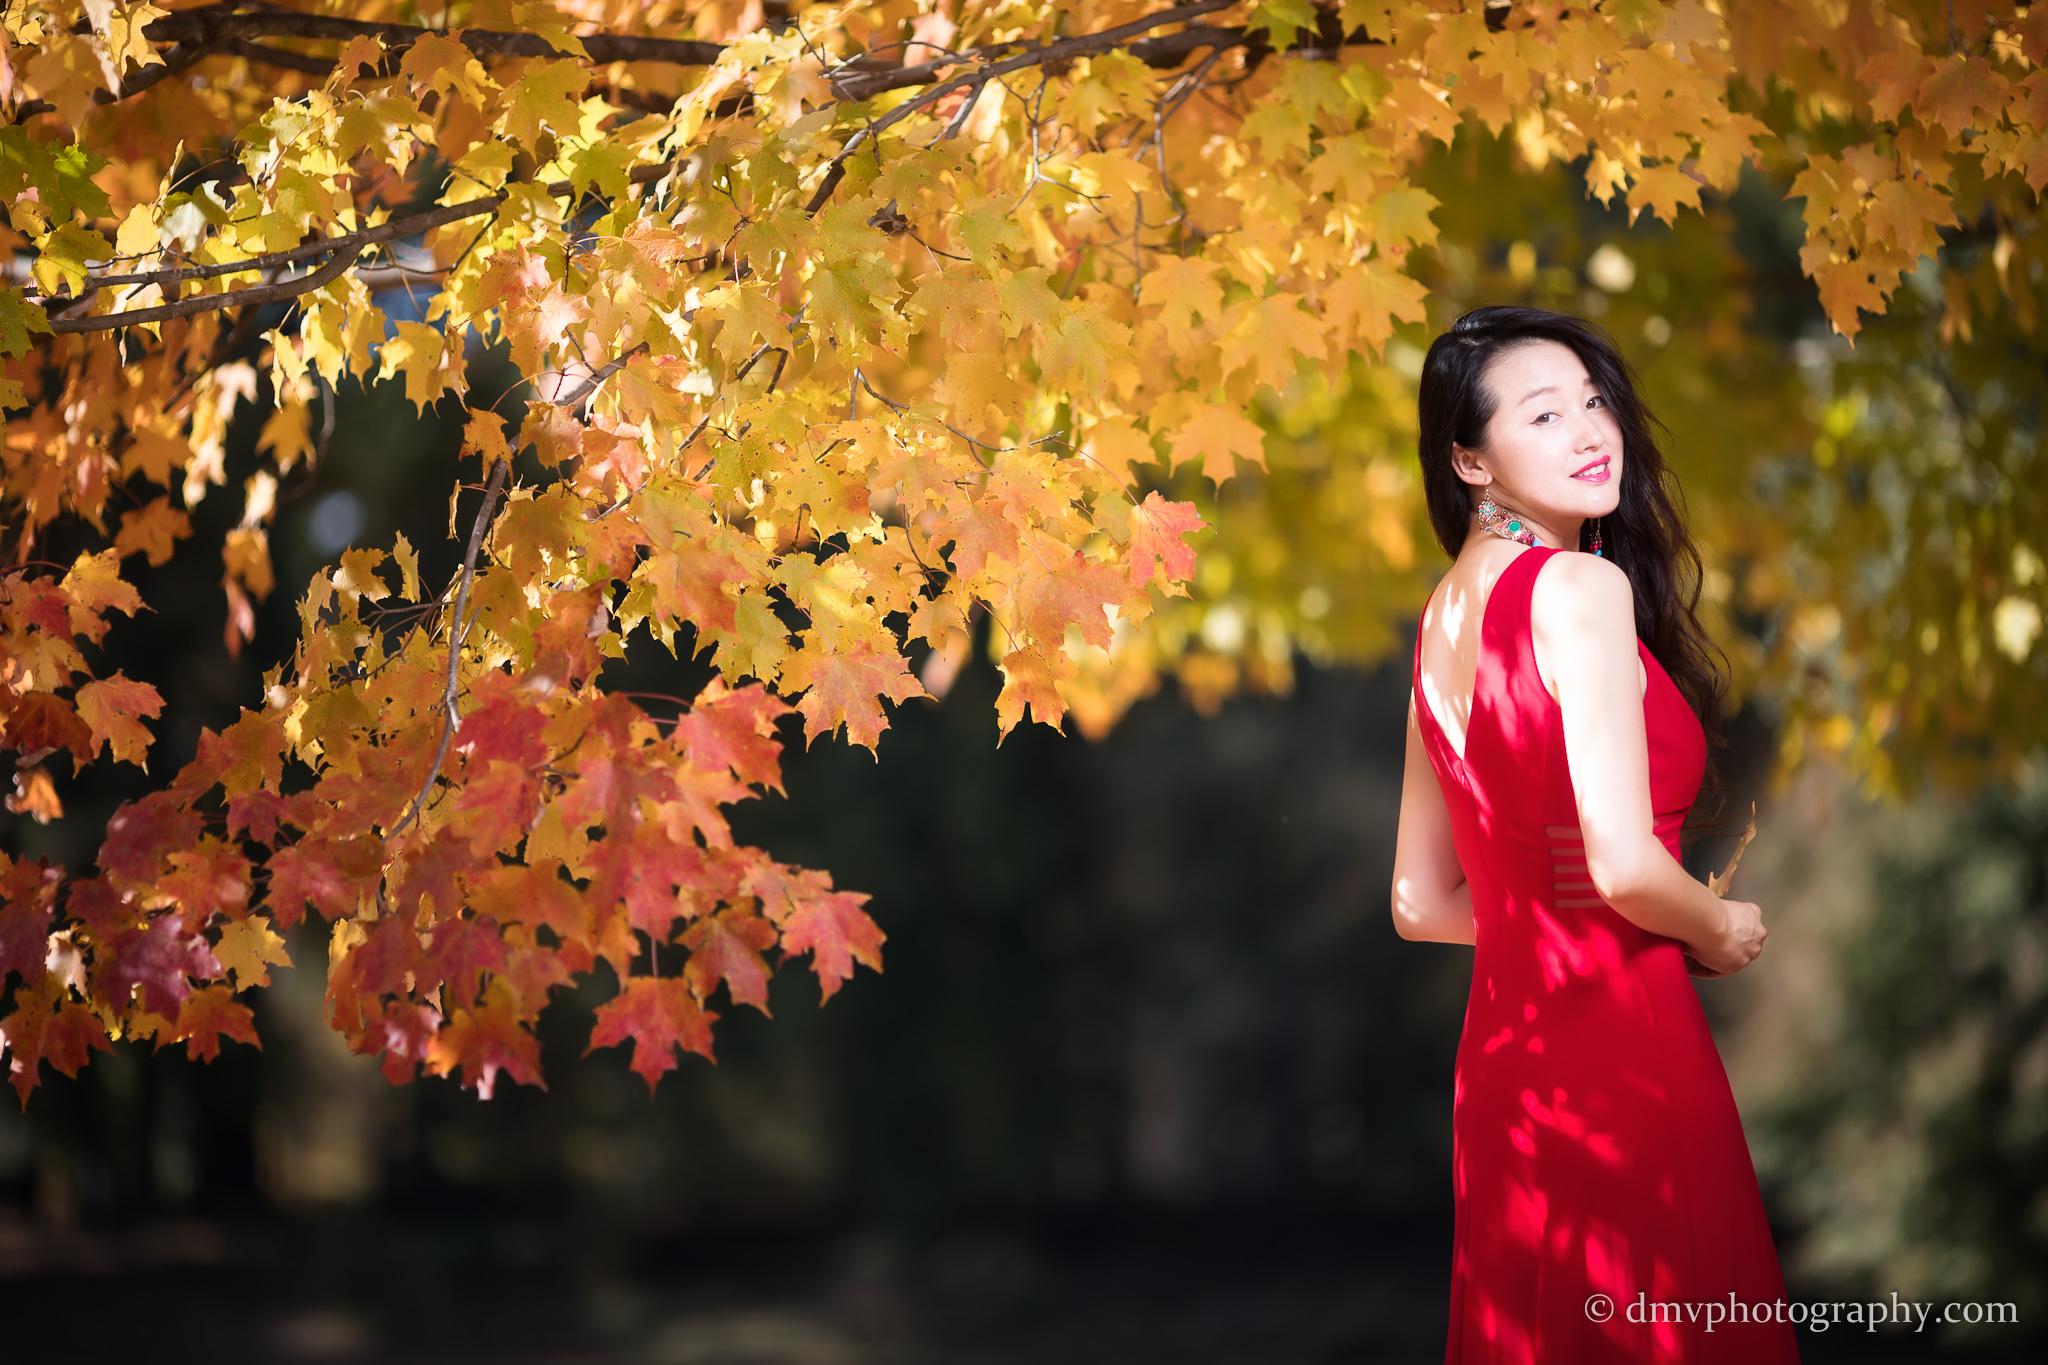 2016-10-29 - Li Jie - 00001 - 00001